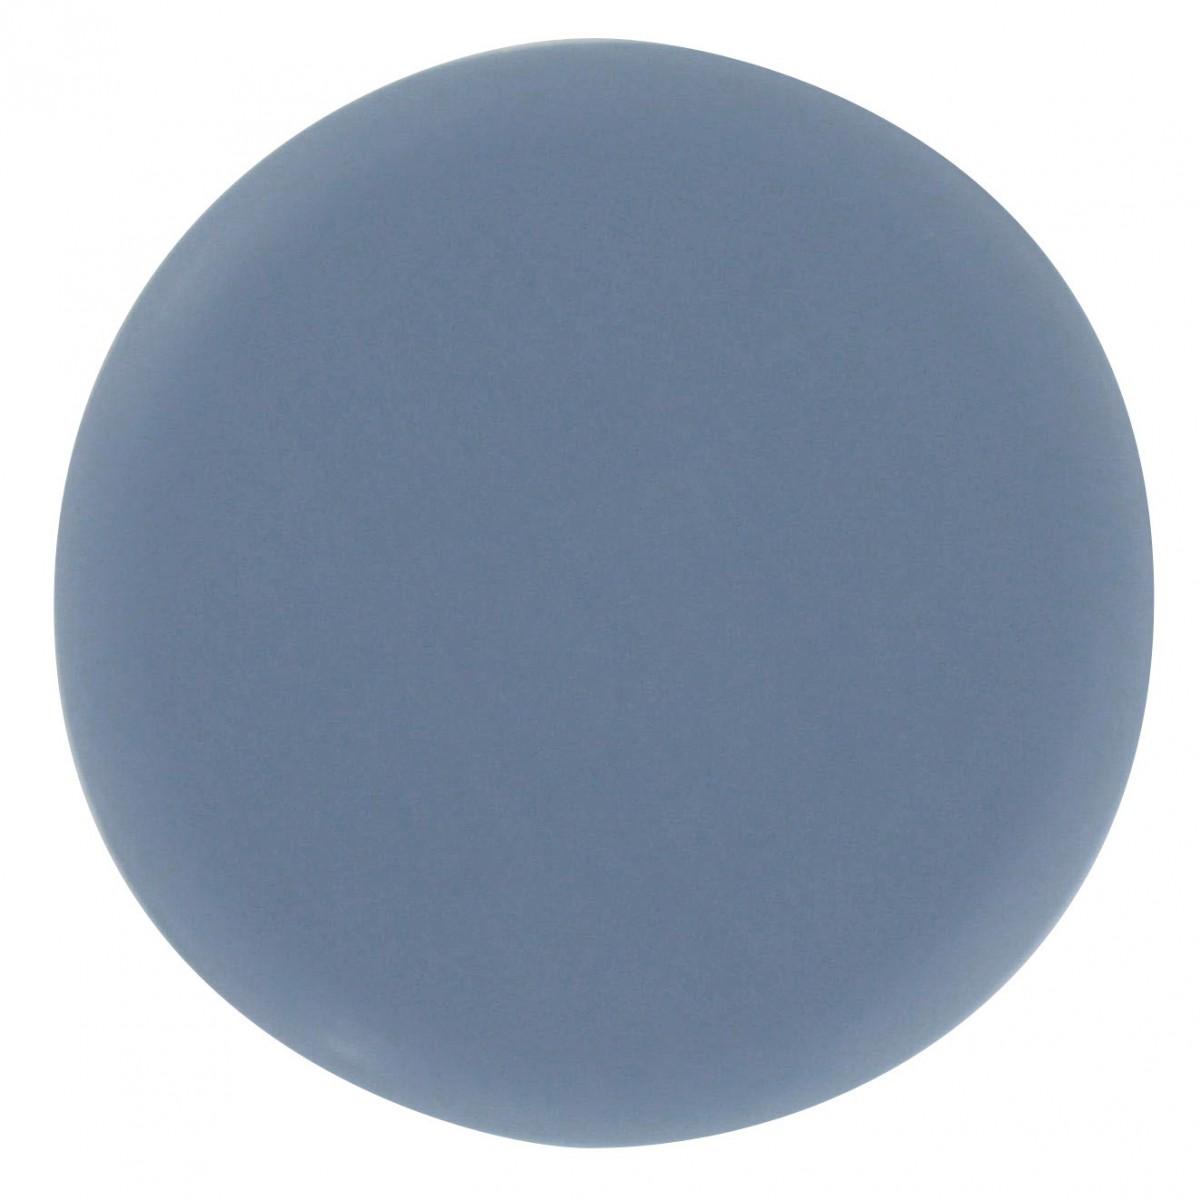 Patin glisseur adhésif gris PVM - Diamètre 70 mm - Vendu par 4